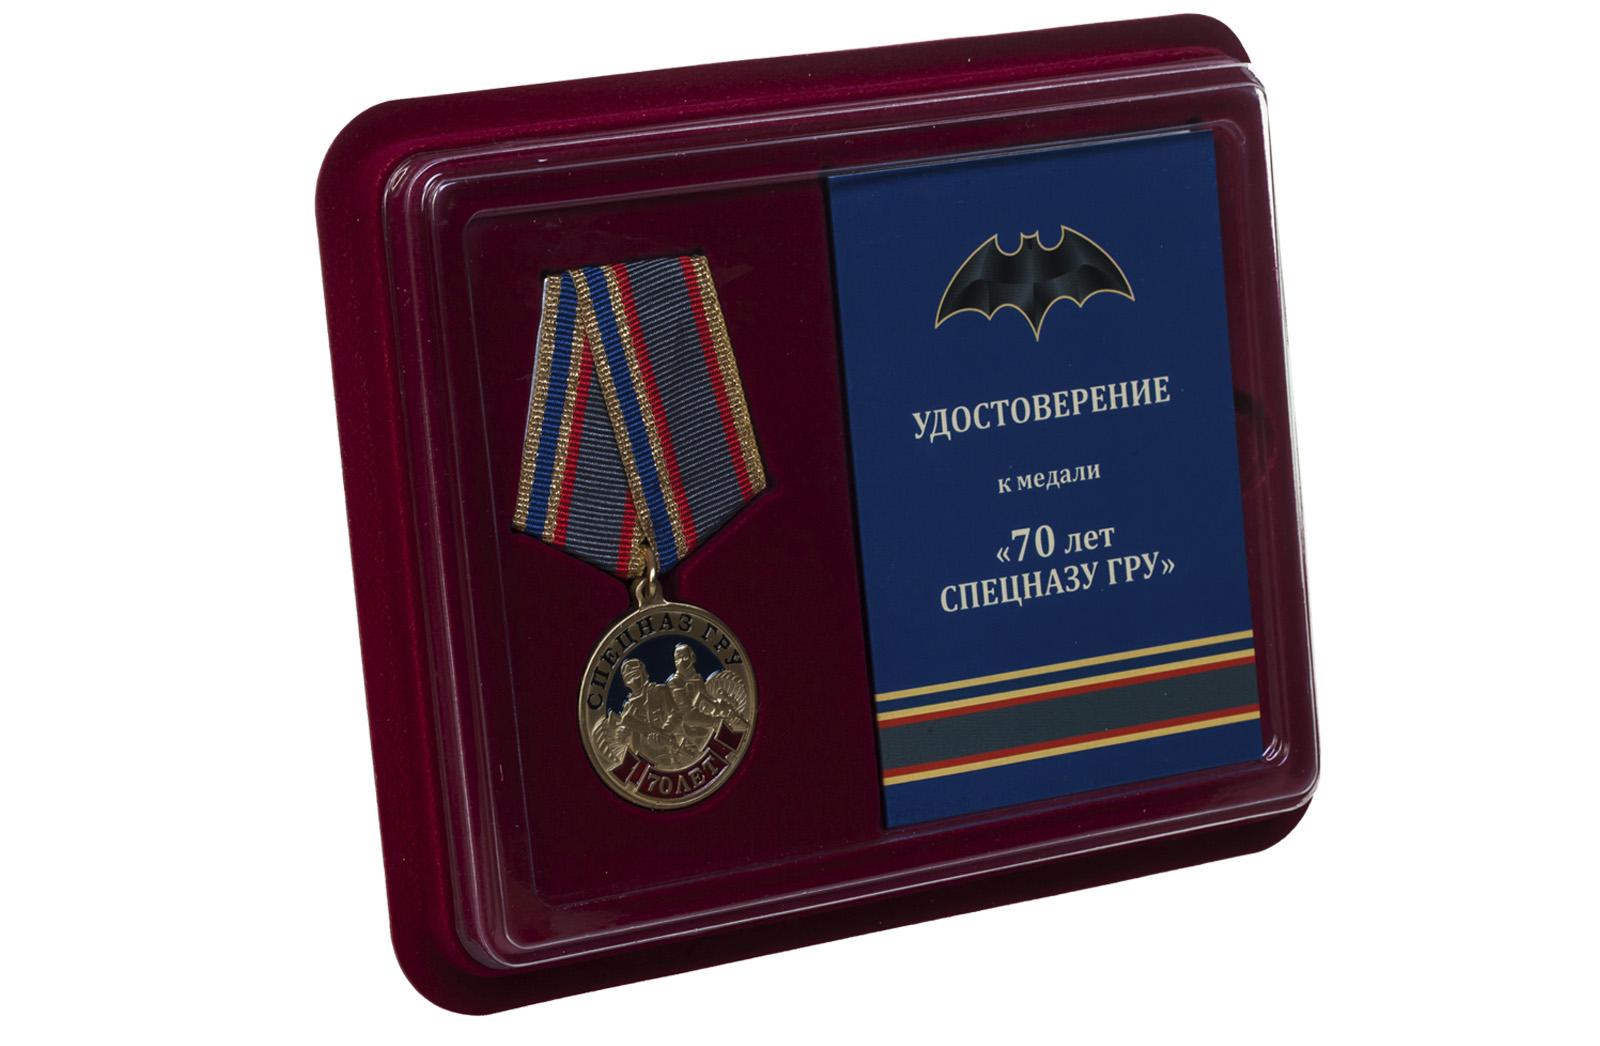 Юбилейная медаль 70 лет Спецназу ГРУ - в футляре с удостоверением